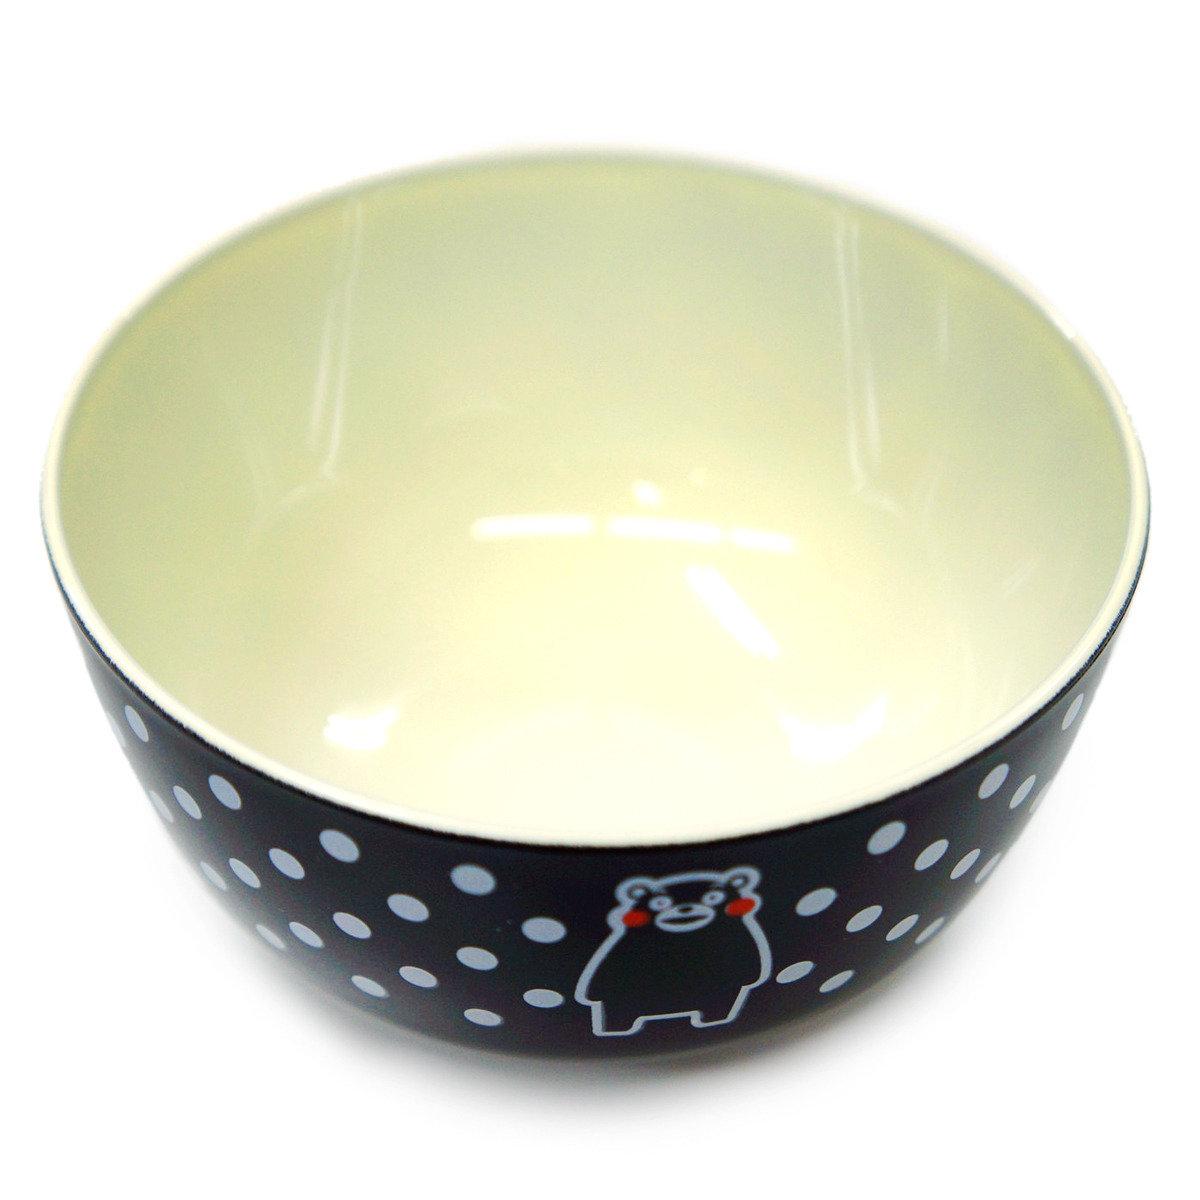 KUMAMON 飯碗 (黑)